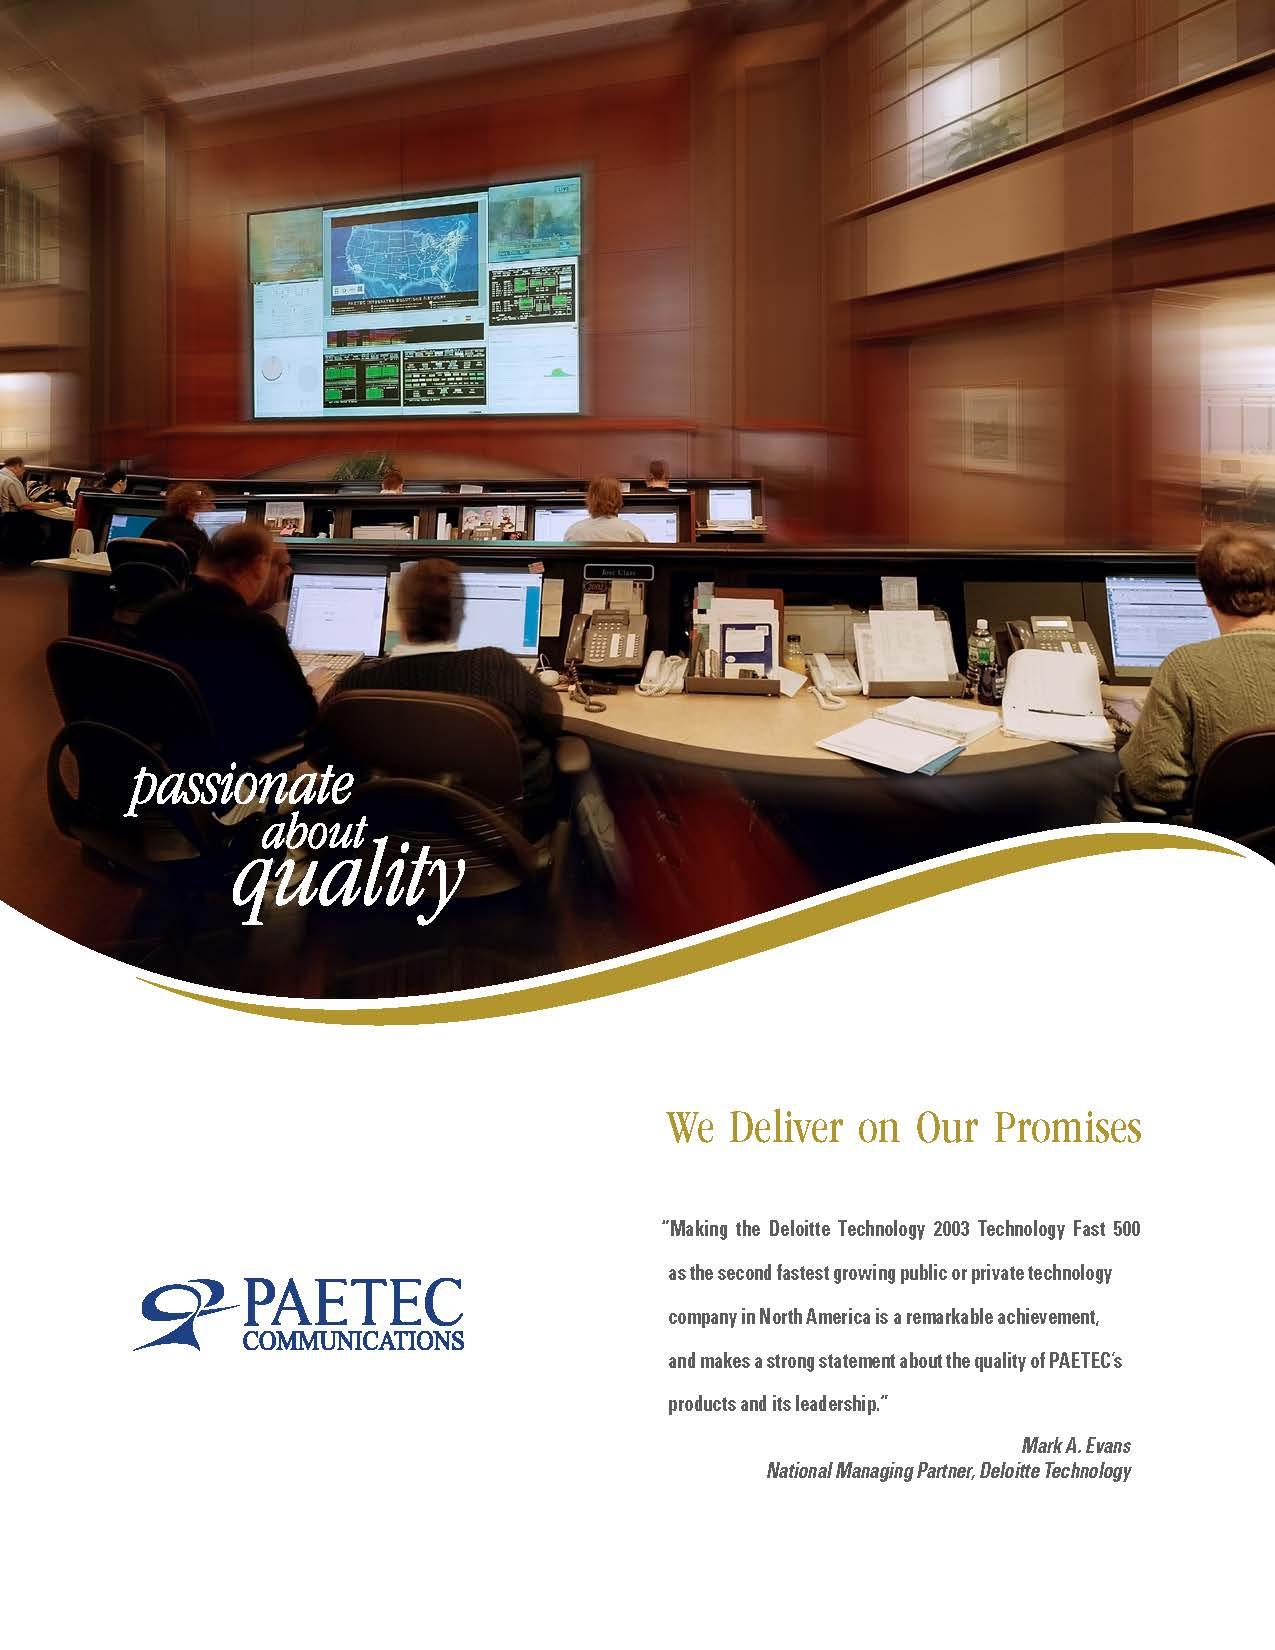 Paetec_Page_53.jpg